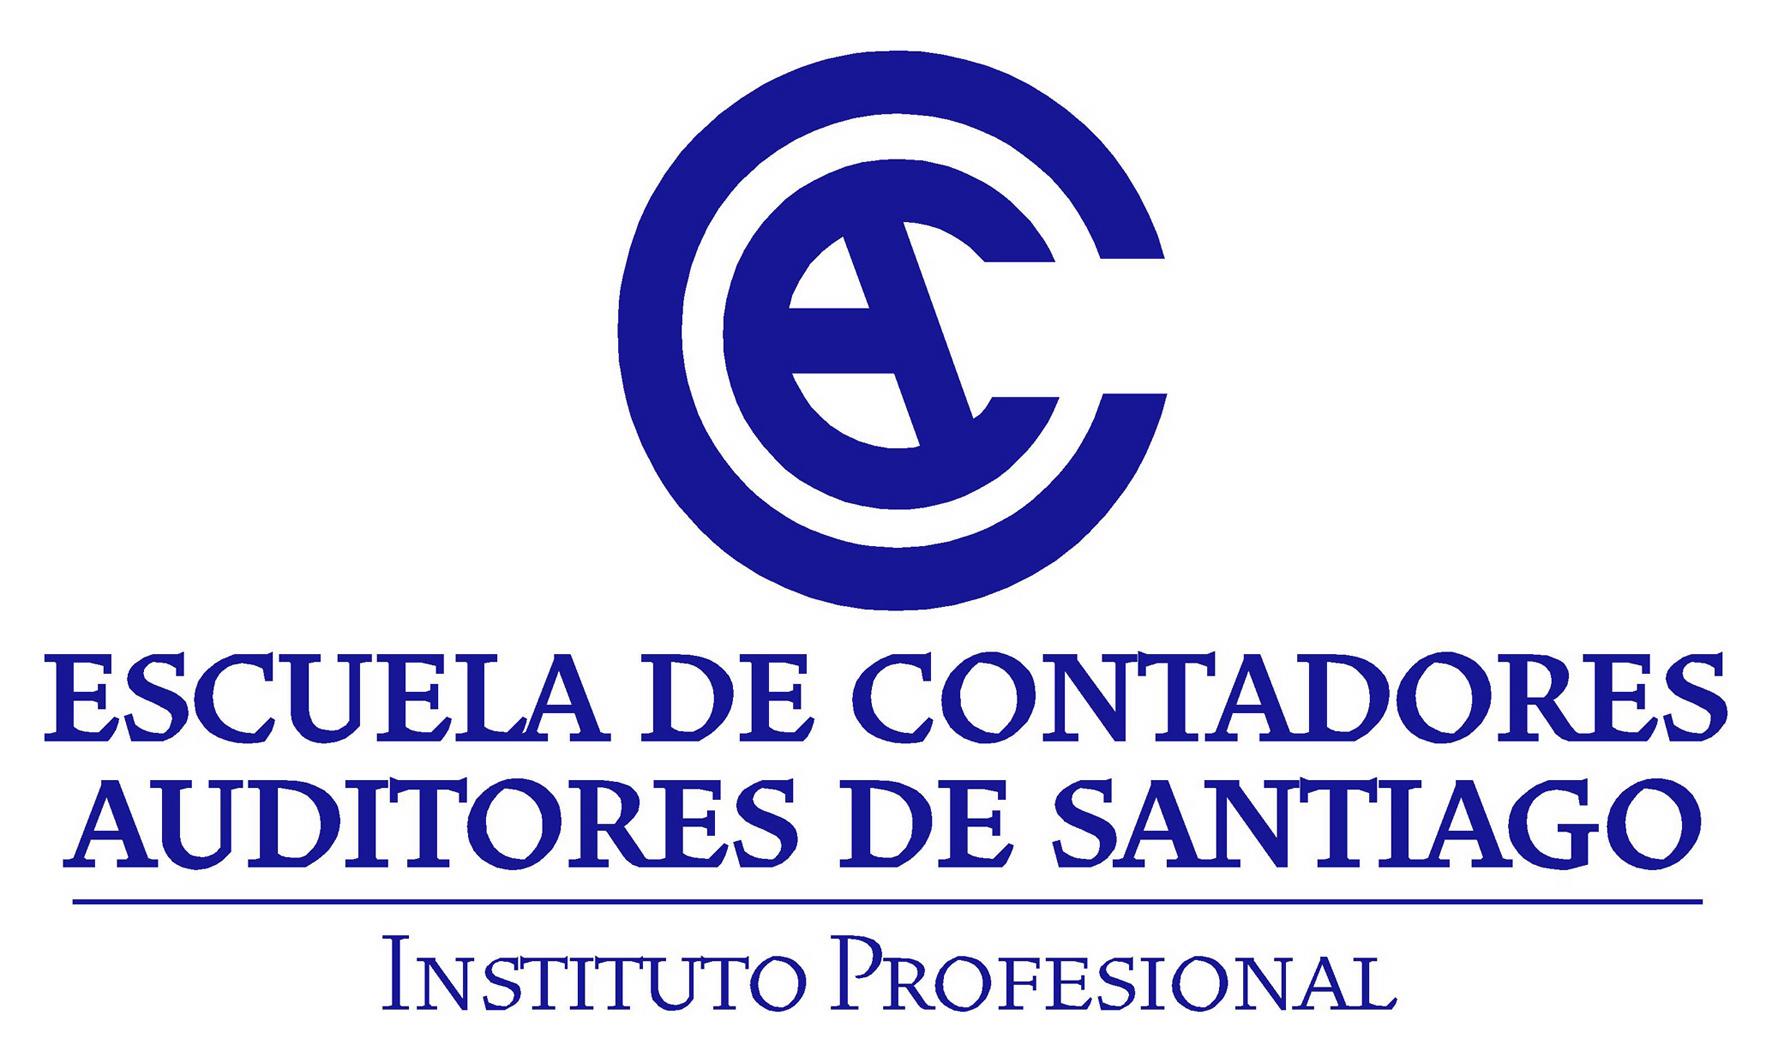 Empresas Desafio10x: IP Escuela de Contadores Auditores de Santiago